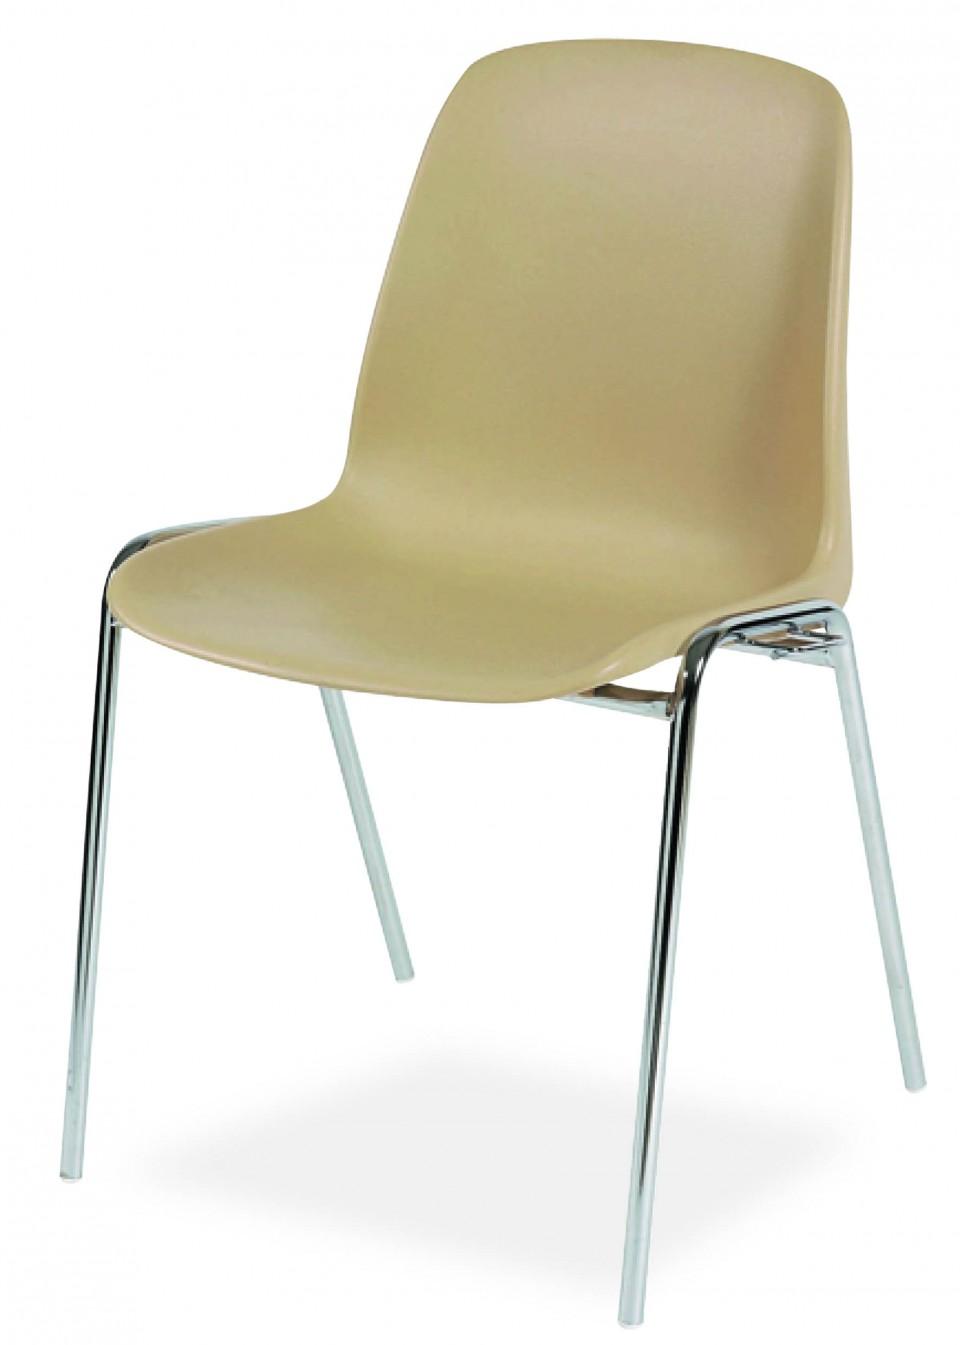 Chaise de collectivit plastica achat chaise de - Peinture pour chaise plastique ...